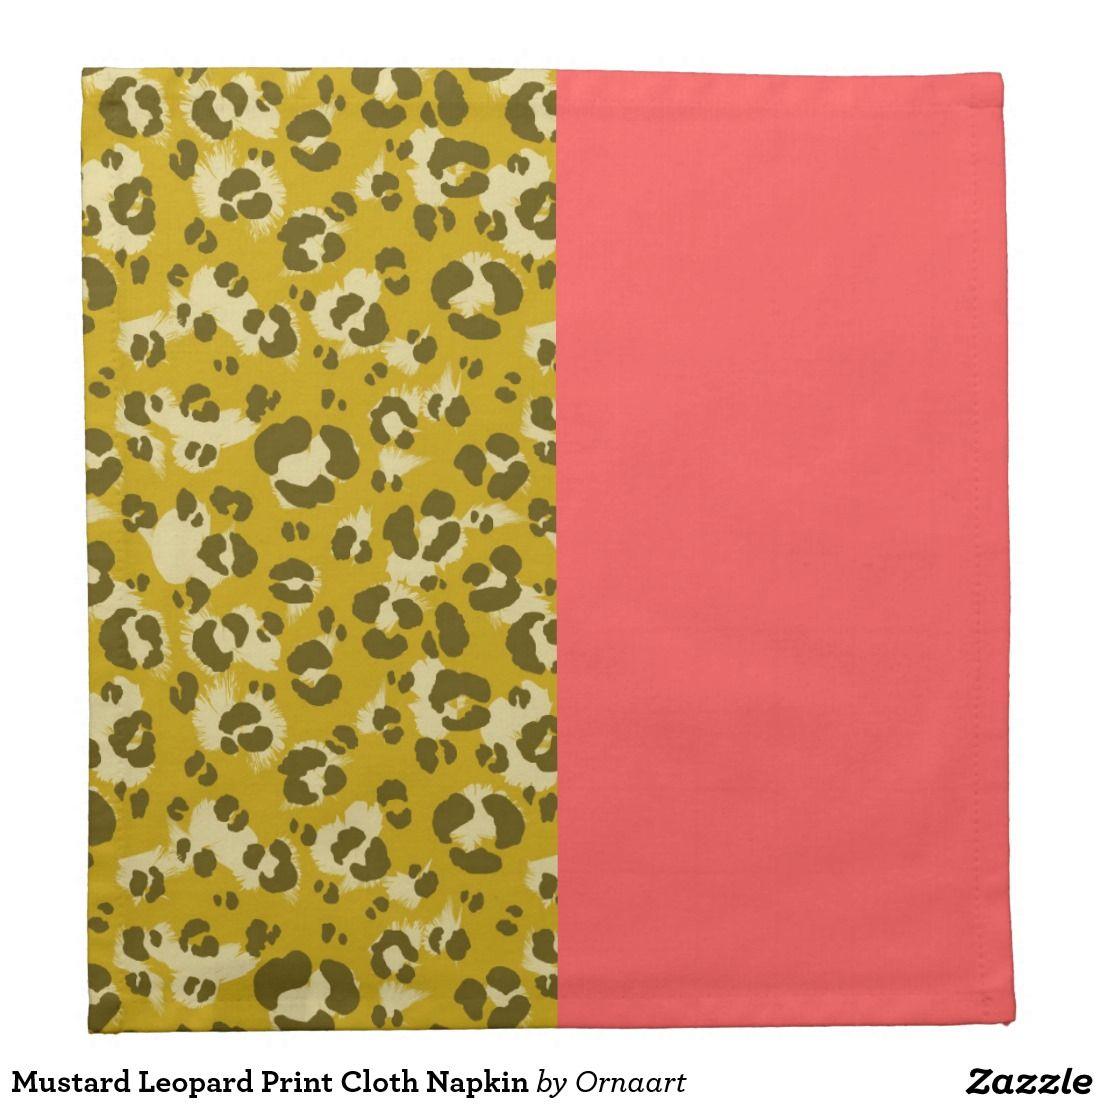 Mustard Leopard Print Cloth Napkin